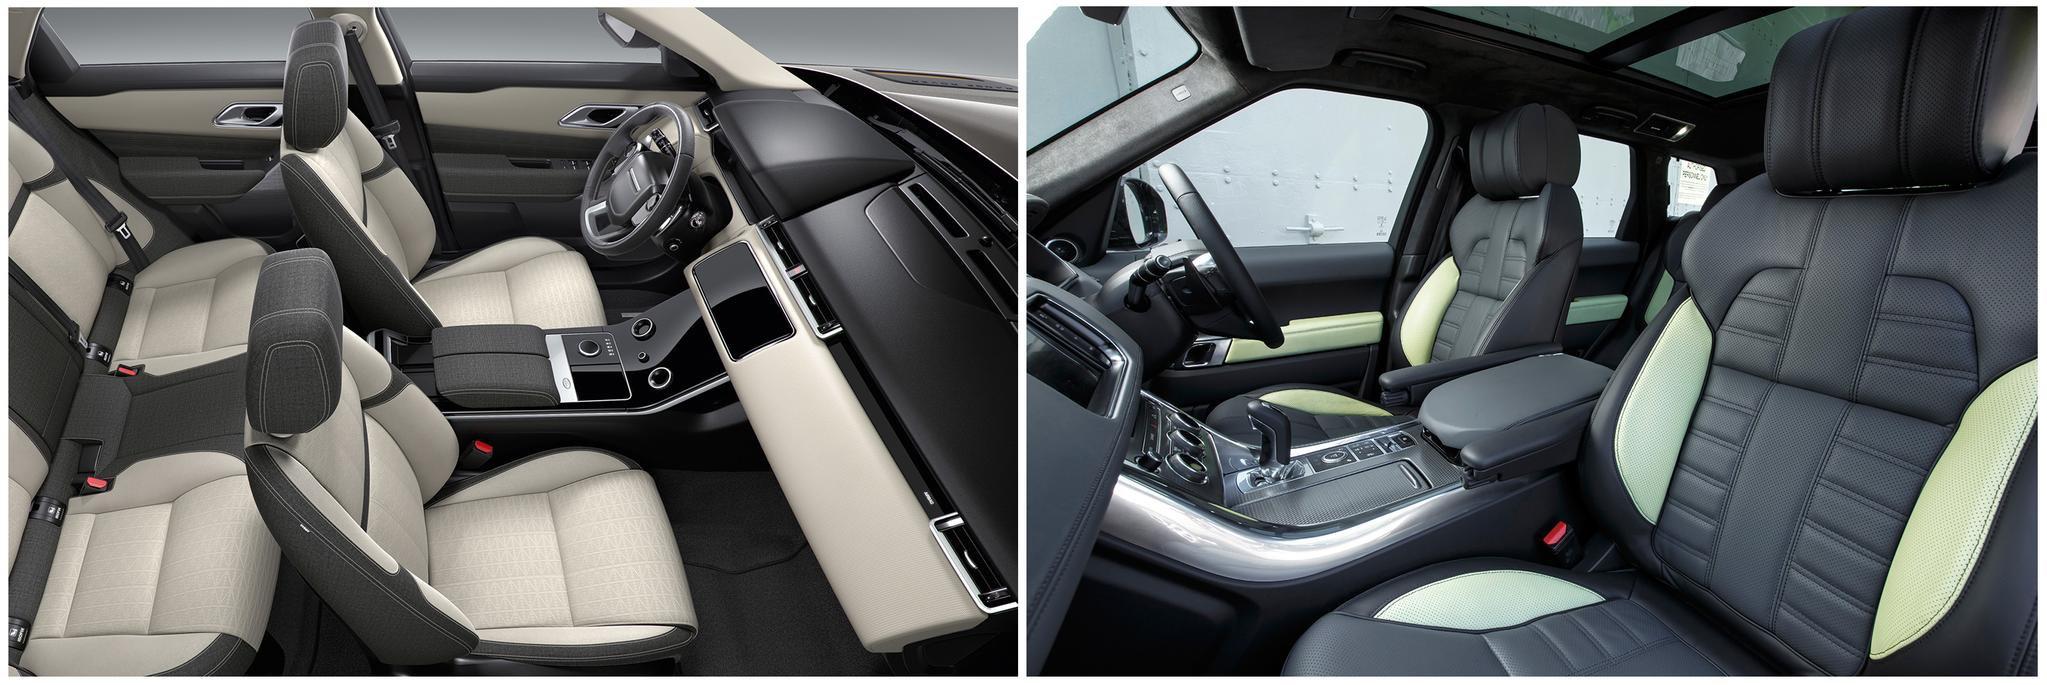 New Range Rover Velar vs Range Rover Sport